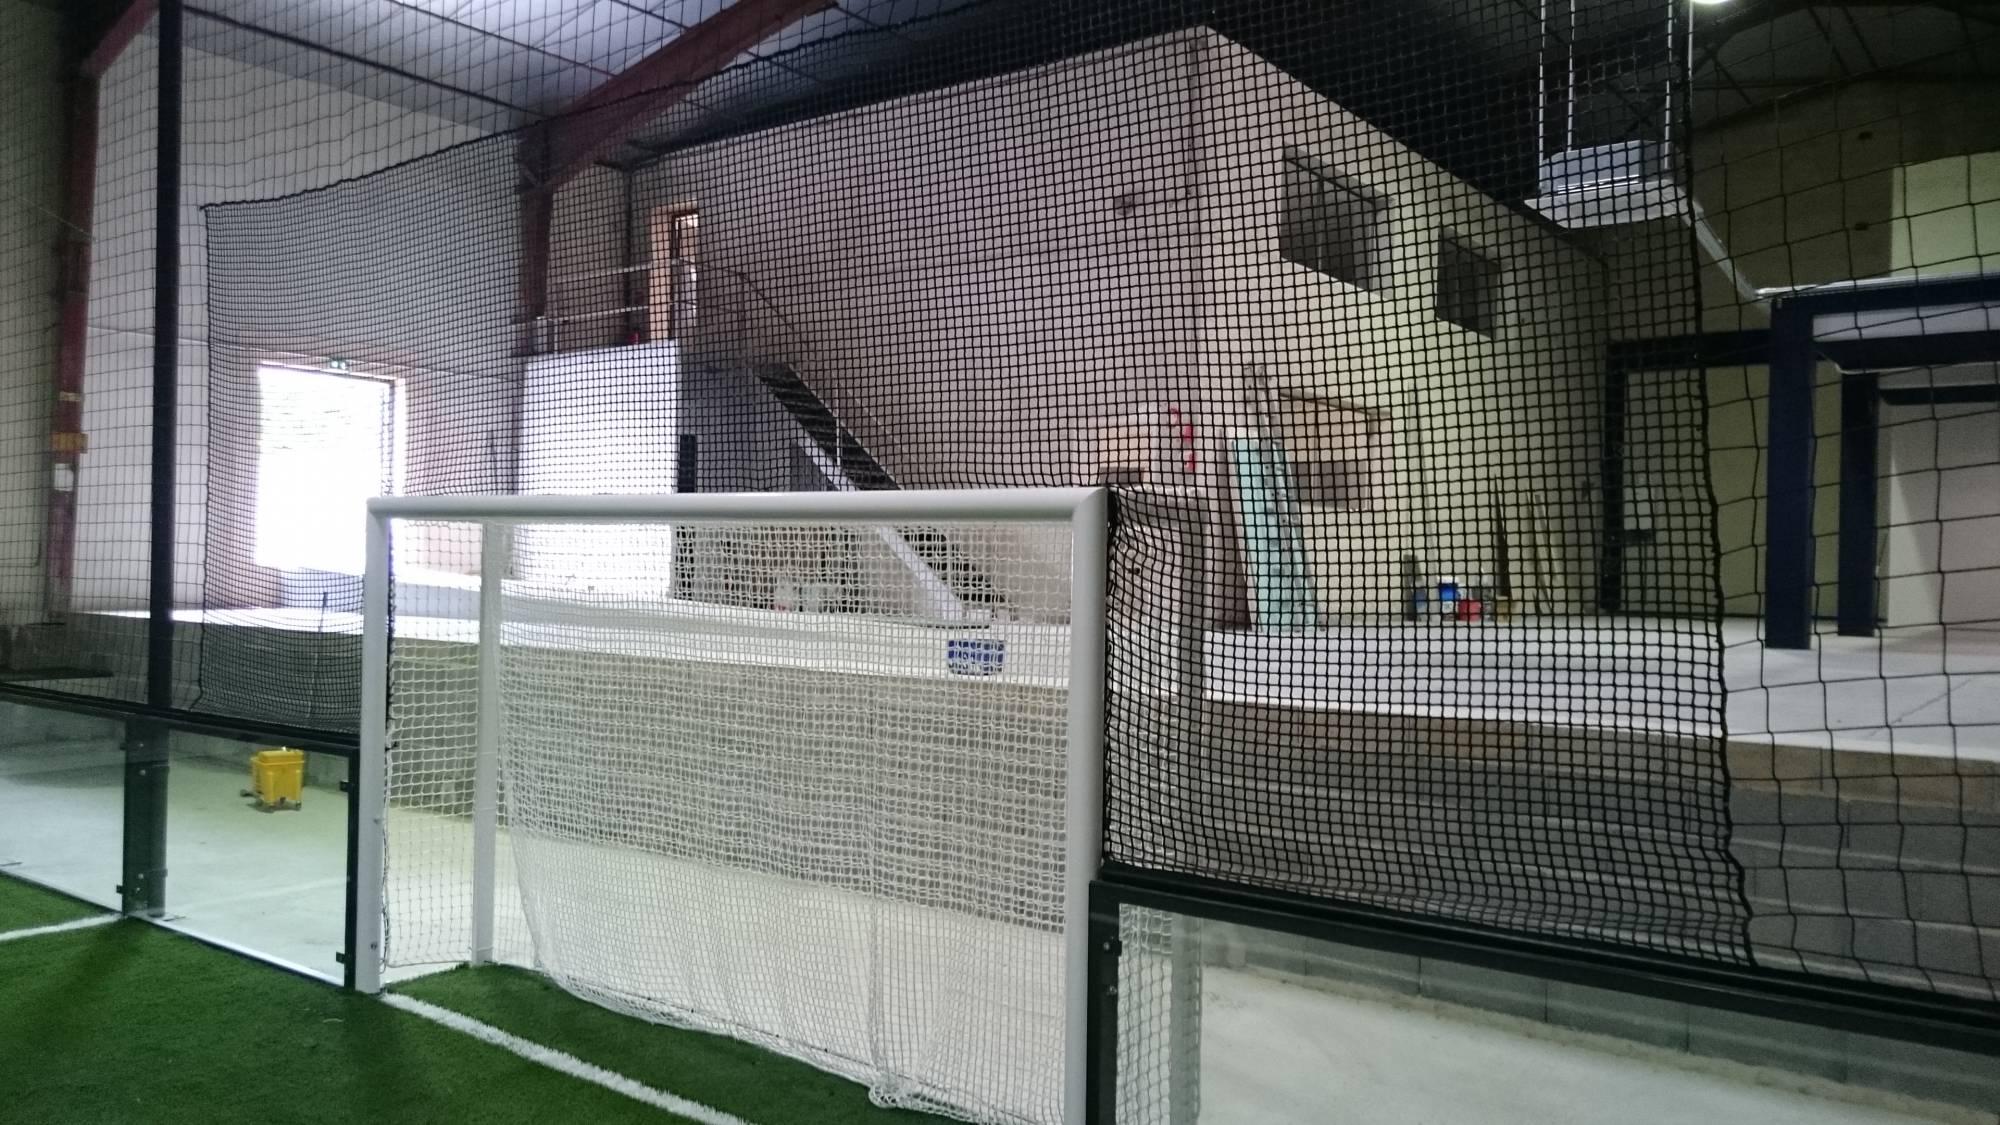 pose de centre de soccer five : infrastructure moderne et pelouse artificielle dernière génération